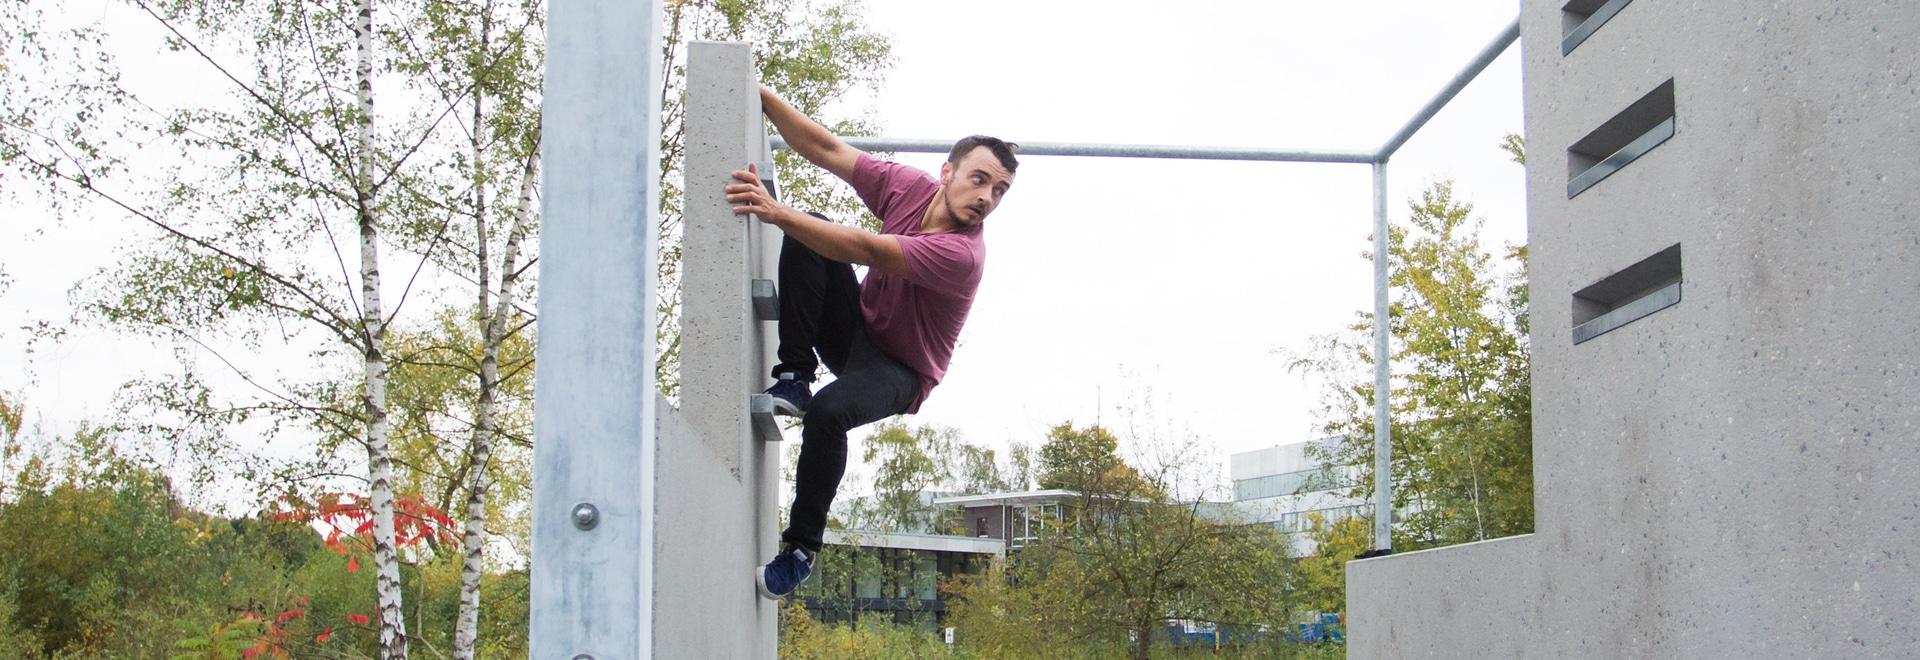 Entrenamiento de Kevin Rutkowski en el parque de Zollverein. Foto: EMG - márketing de Essen GmbH